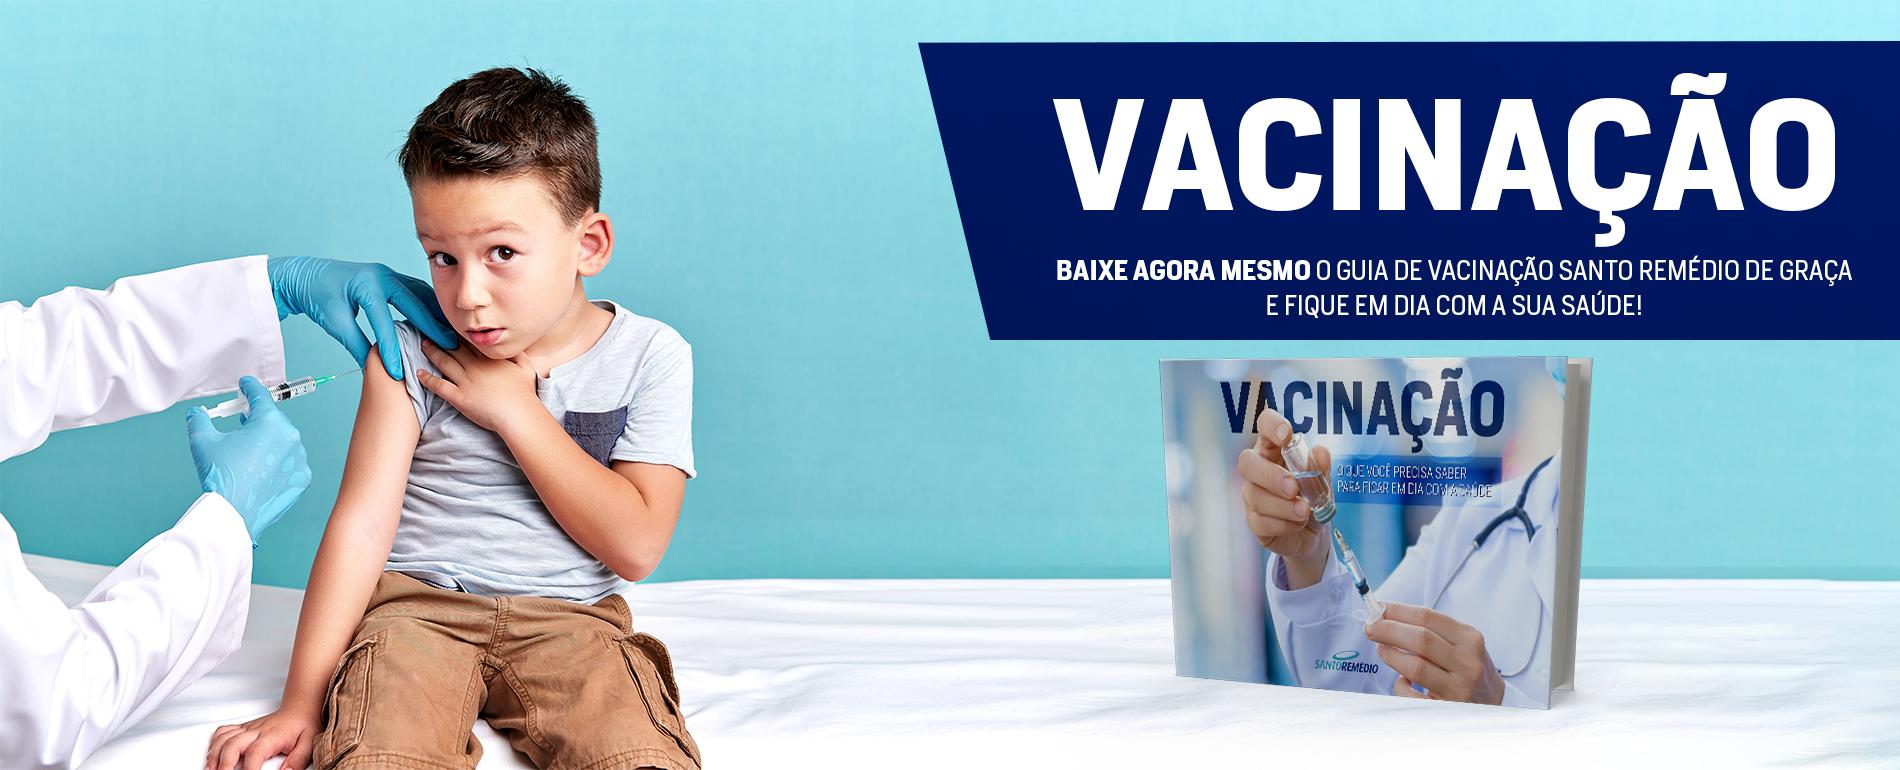 vacinacao-saude